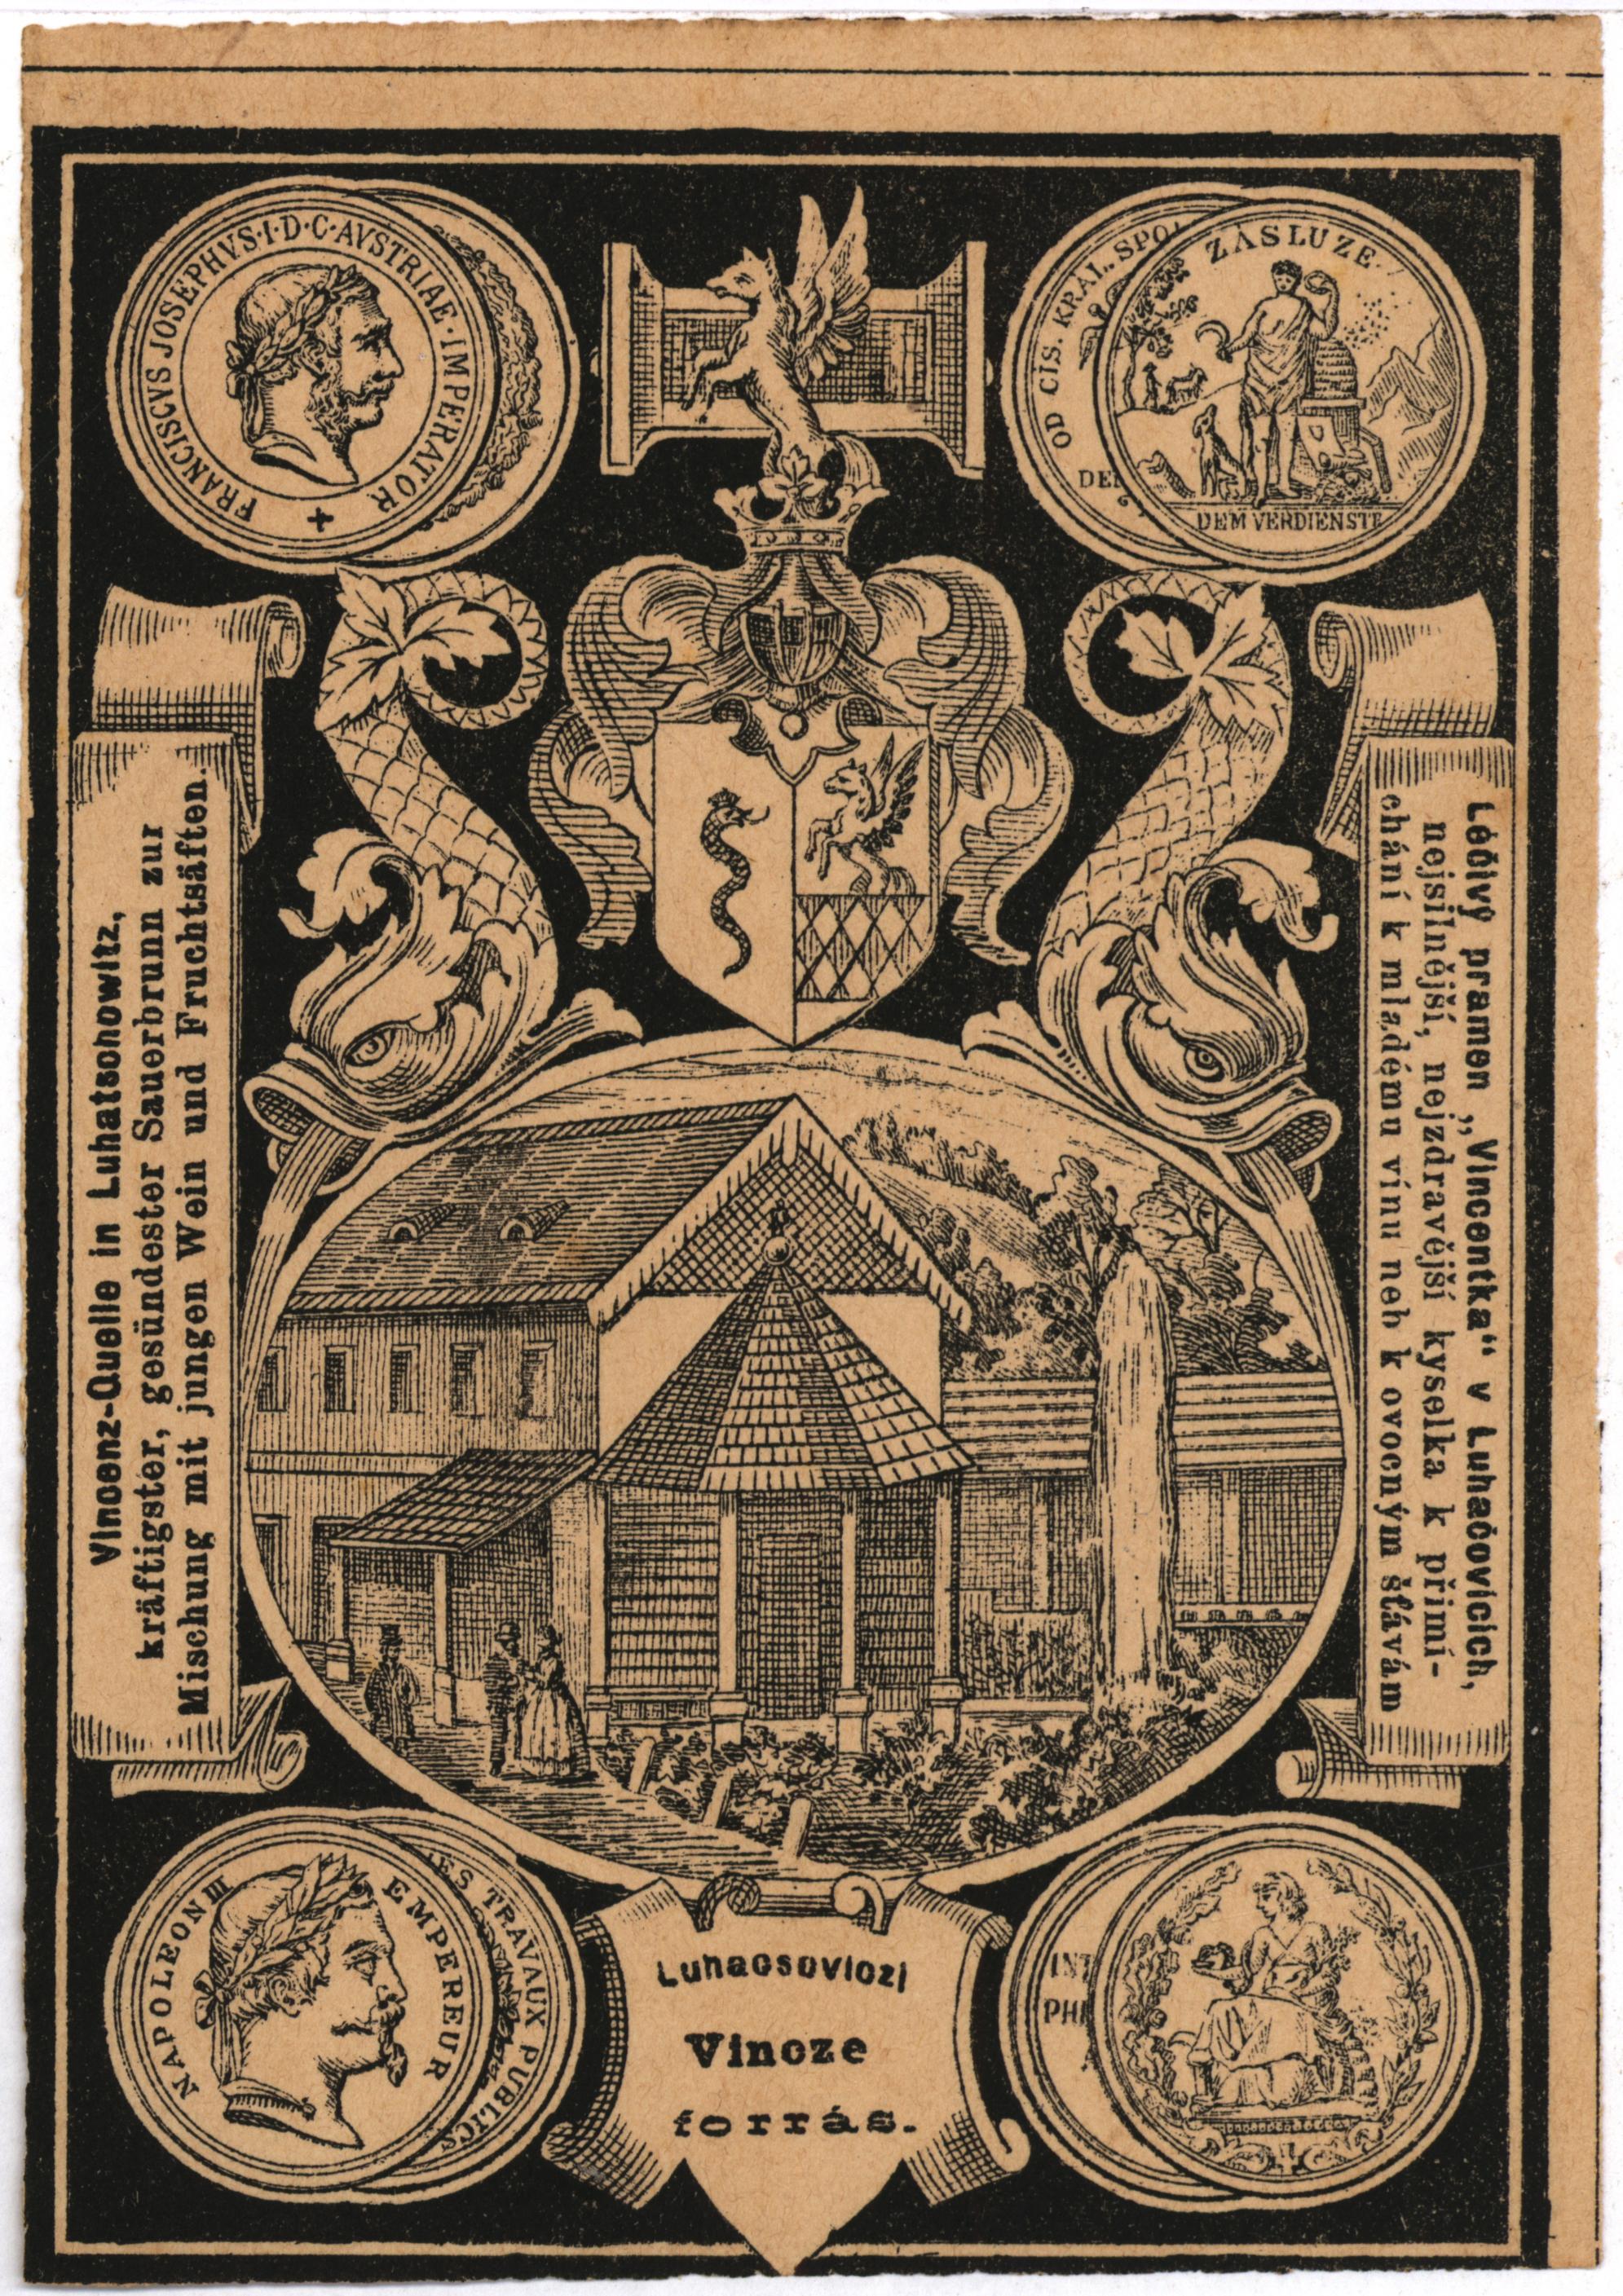 Etiketa Vincentky z konce 19. stol.